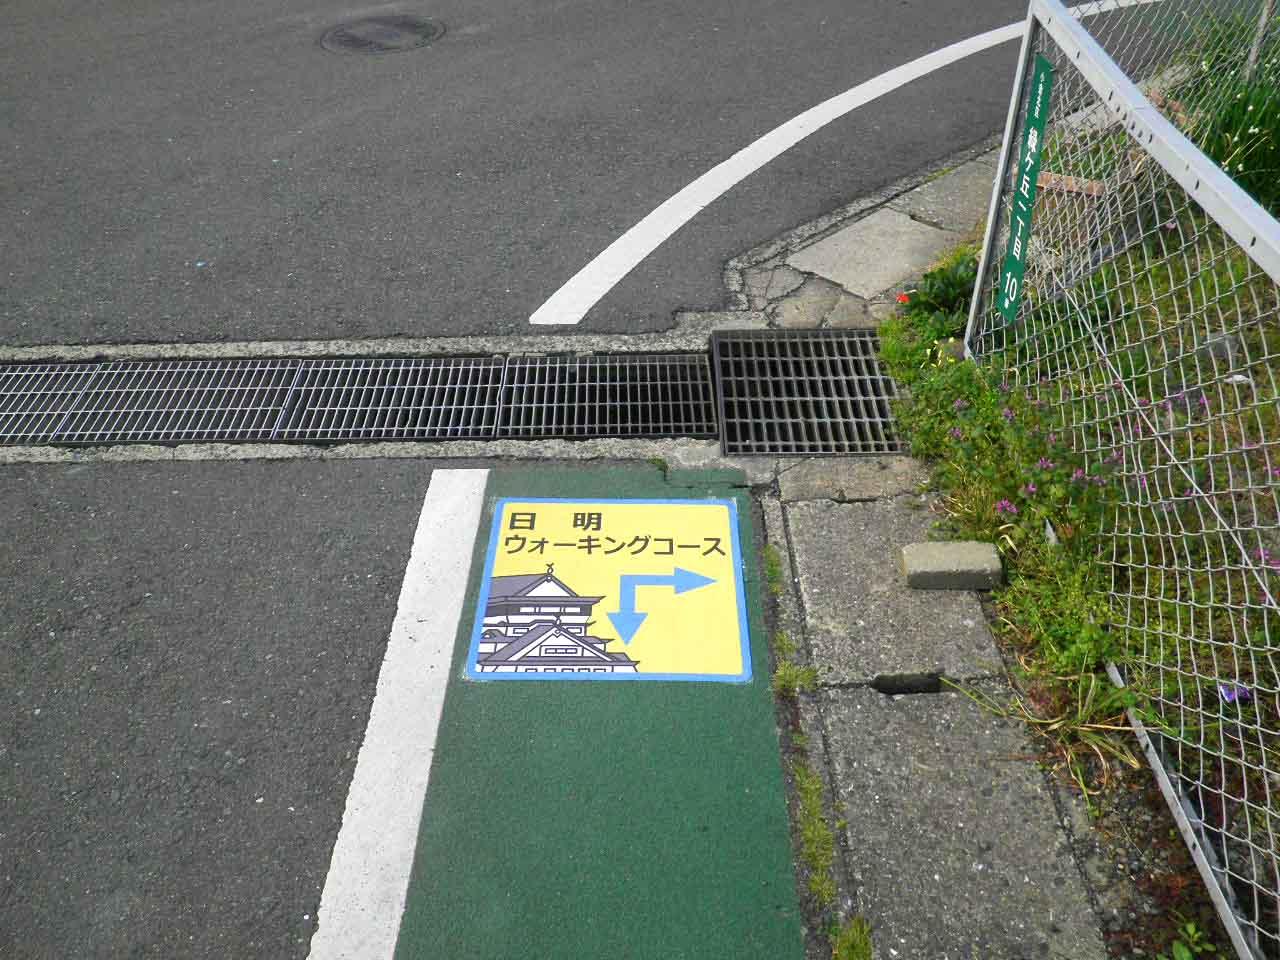 誘導サイン【小倉北区日明ウォーキングコース】